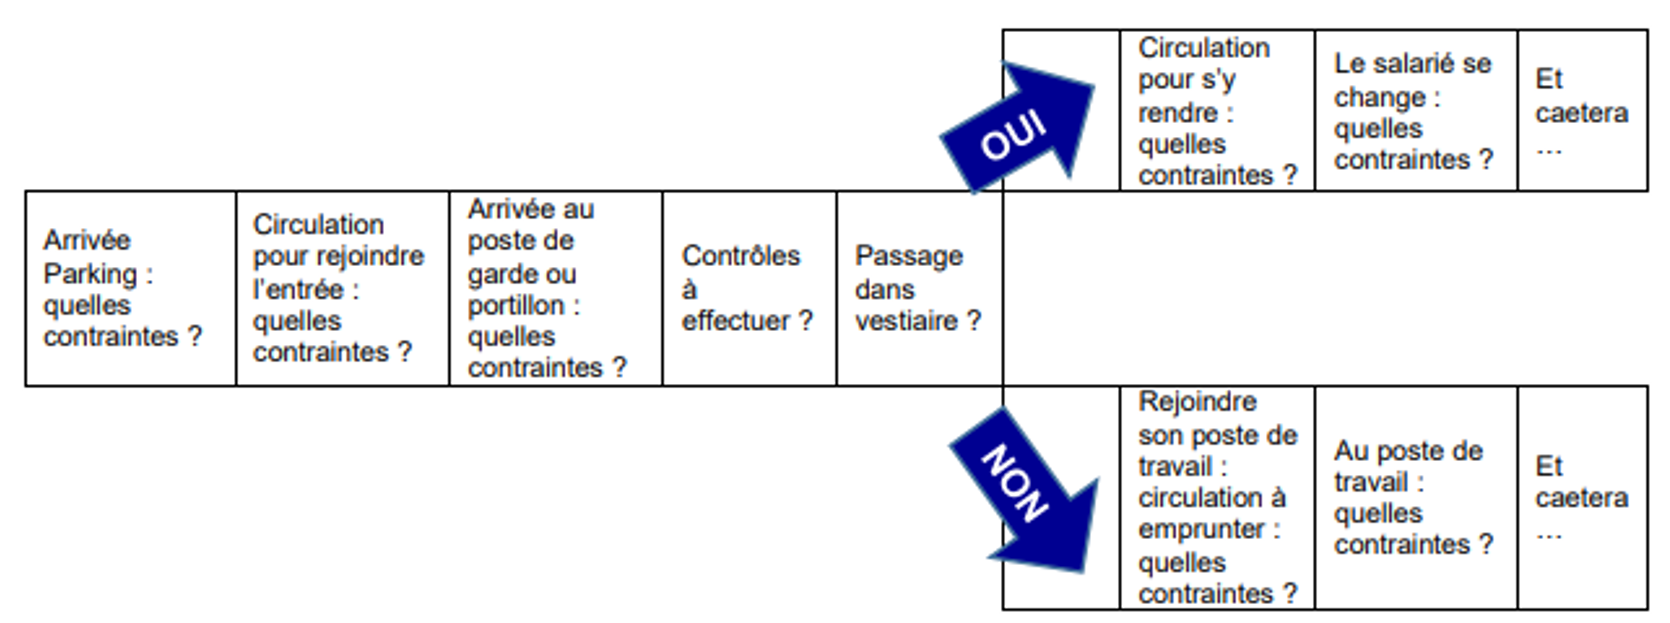 Protocole déconfinement Covid-19